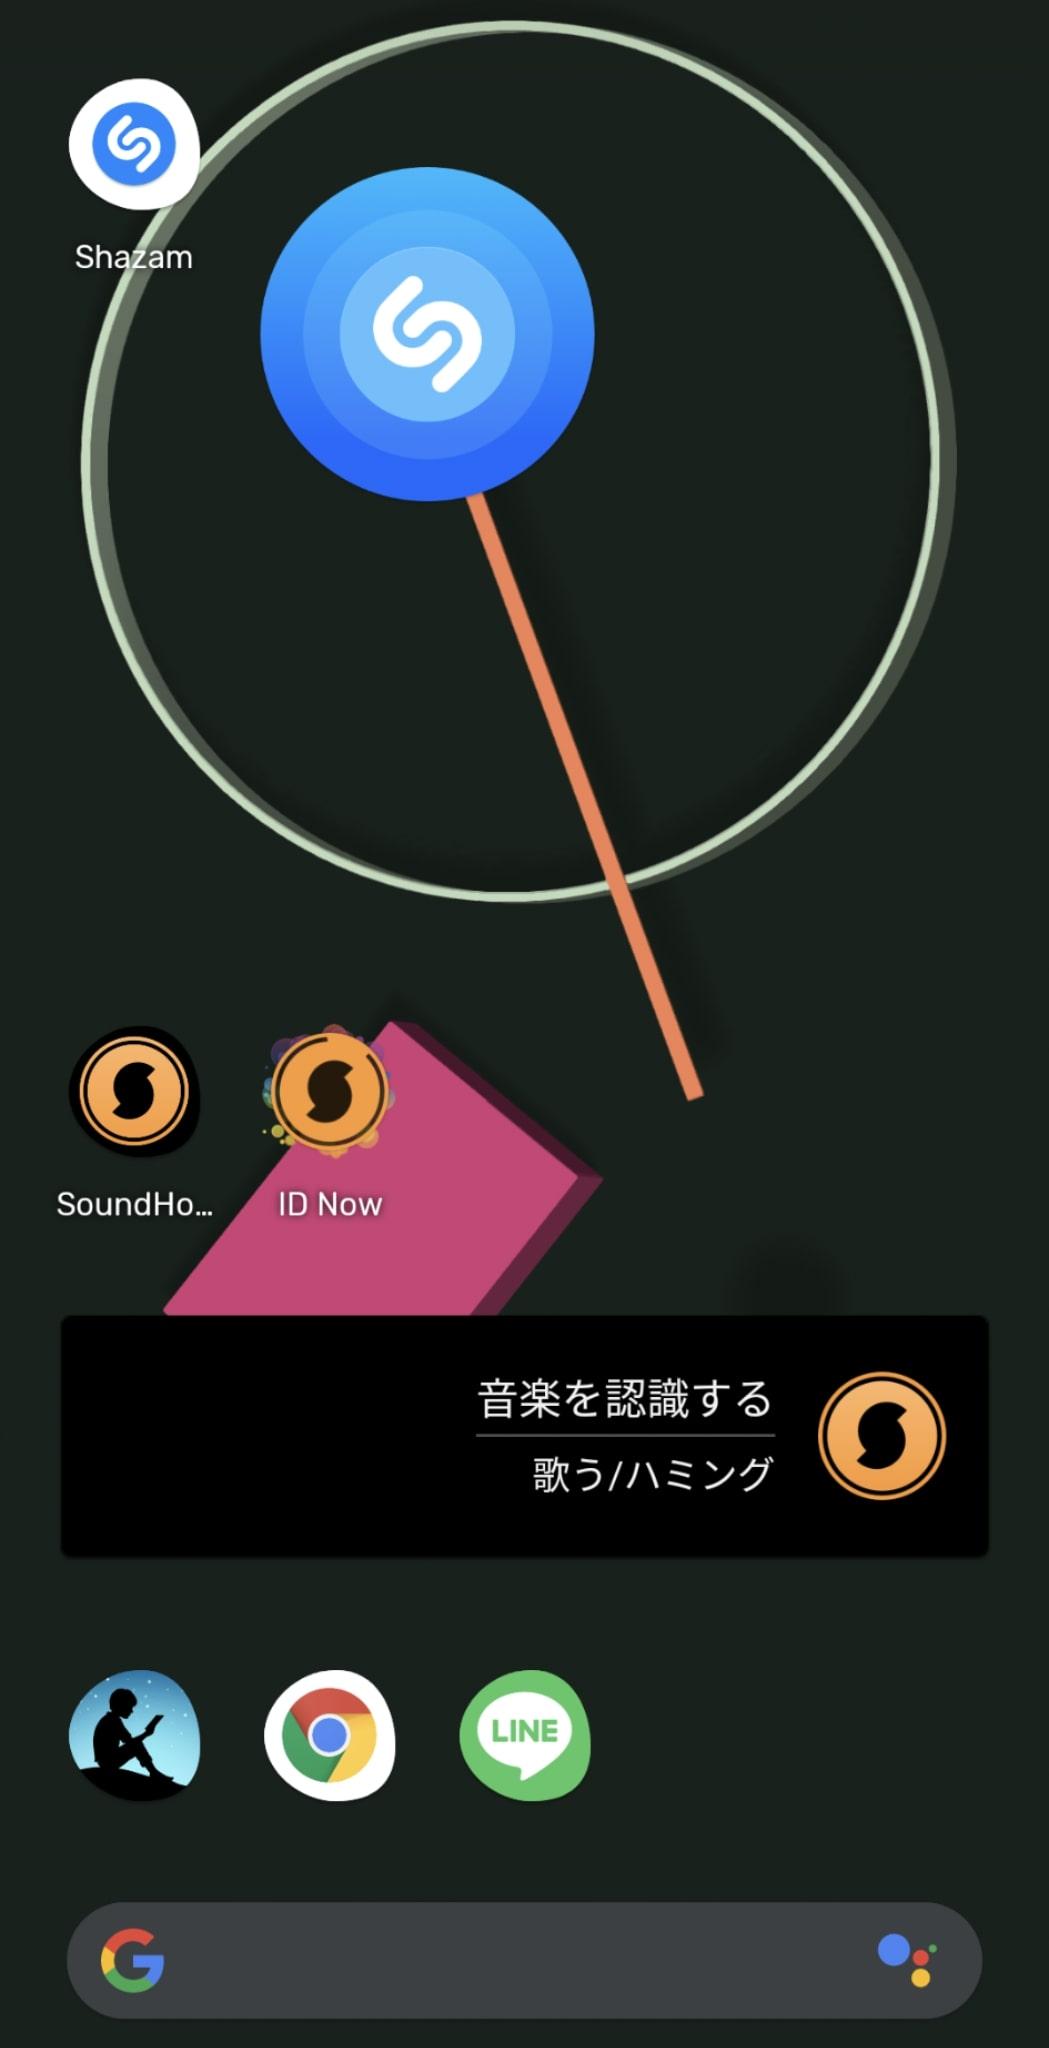 『この曲は何?』iPhoneとAndroidで音楽をすぐに検索する方法